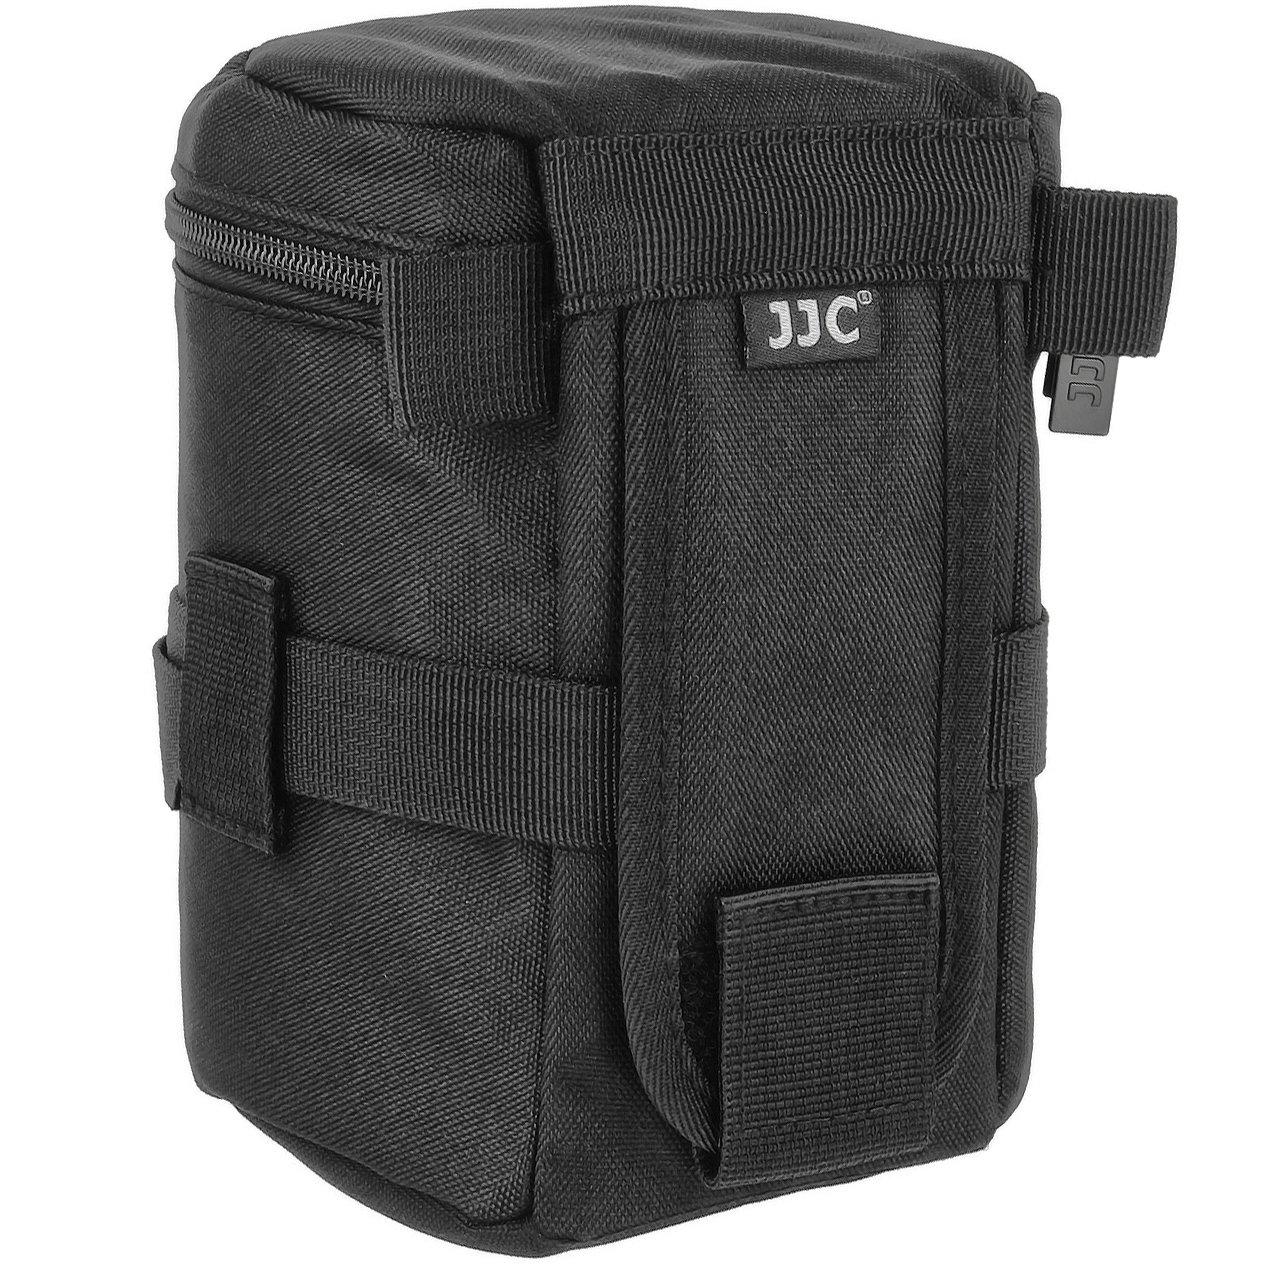 JJC – Funda para objetivo para objetivos bolsas para objetivos de cámara con correa de hombro – Tamaño interior 85 x 150 mm – JJC Deluxe Lens Pouch ...